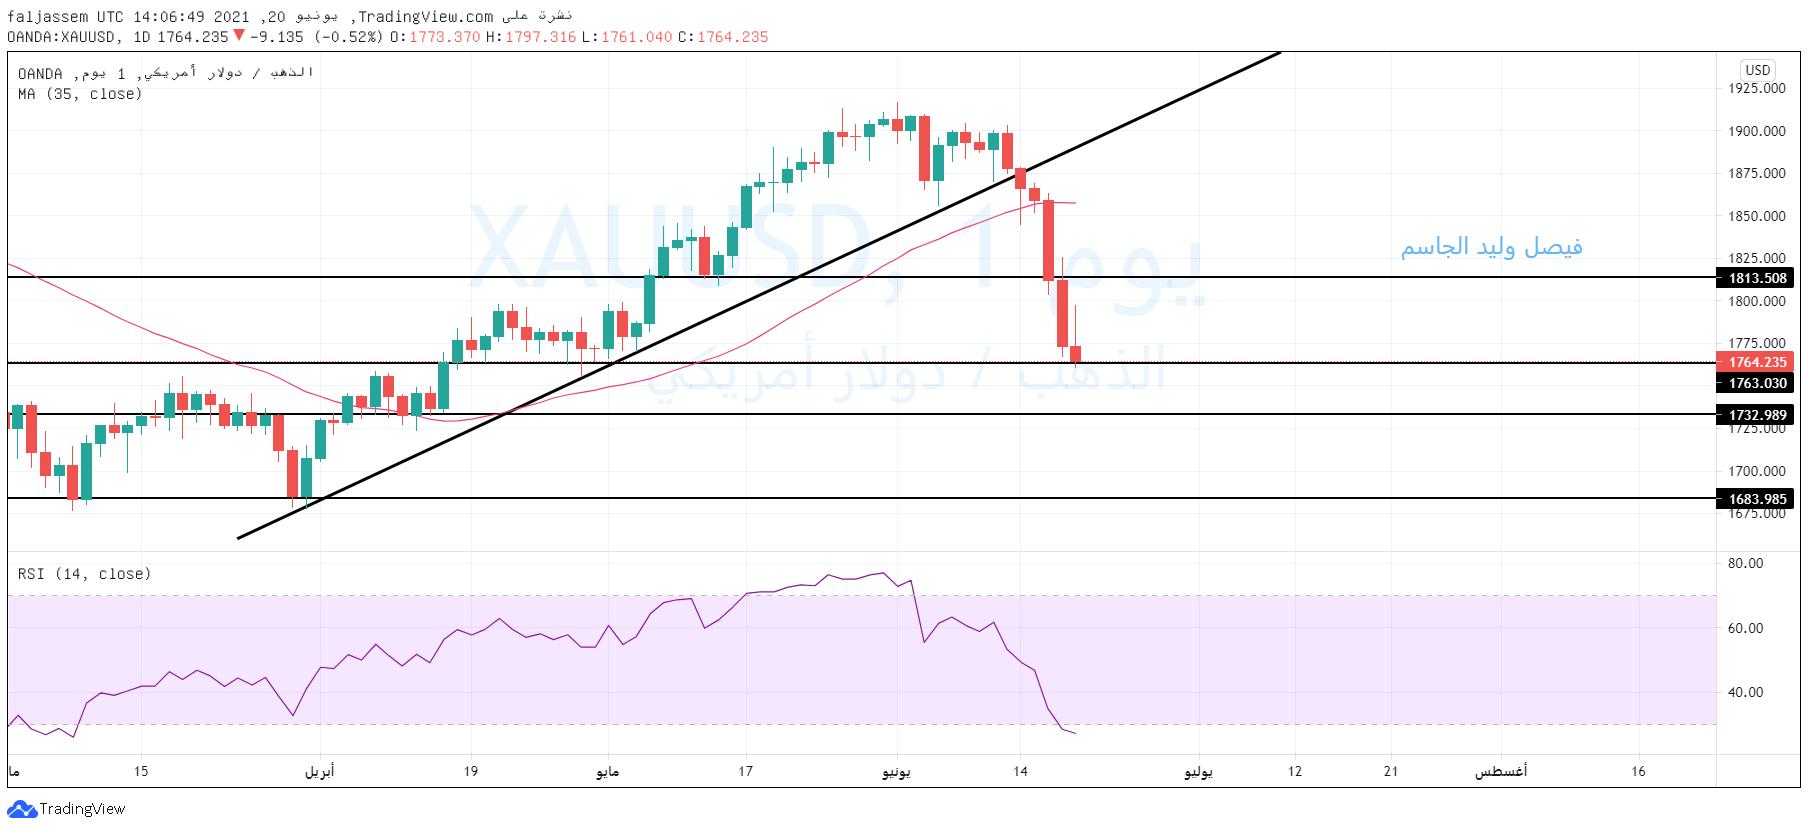 الرسم البياني وتوقعات سعر الذهب